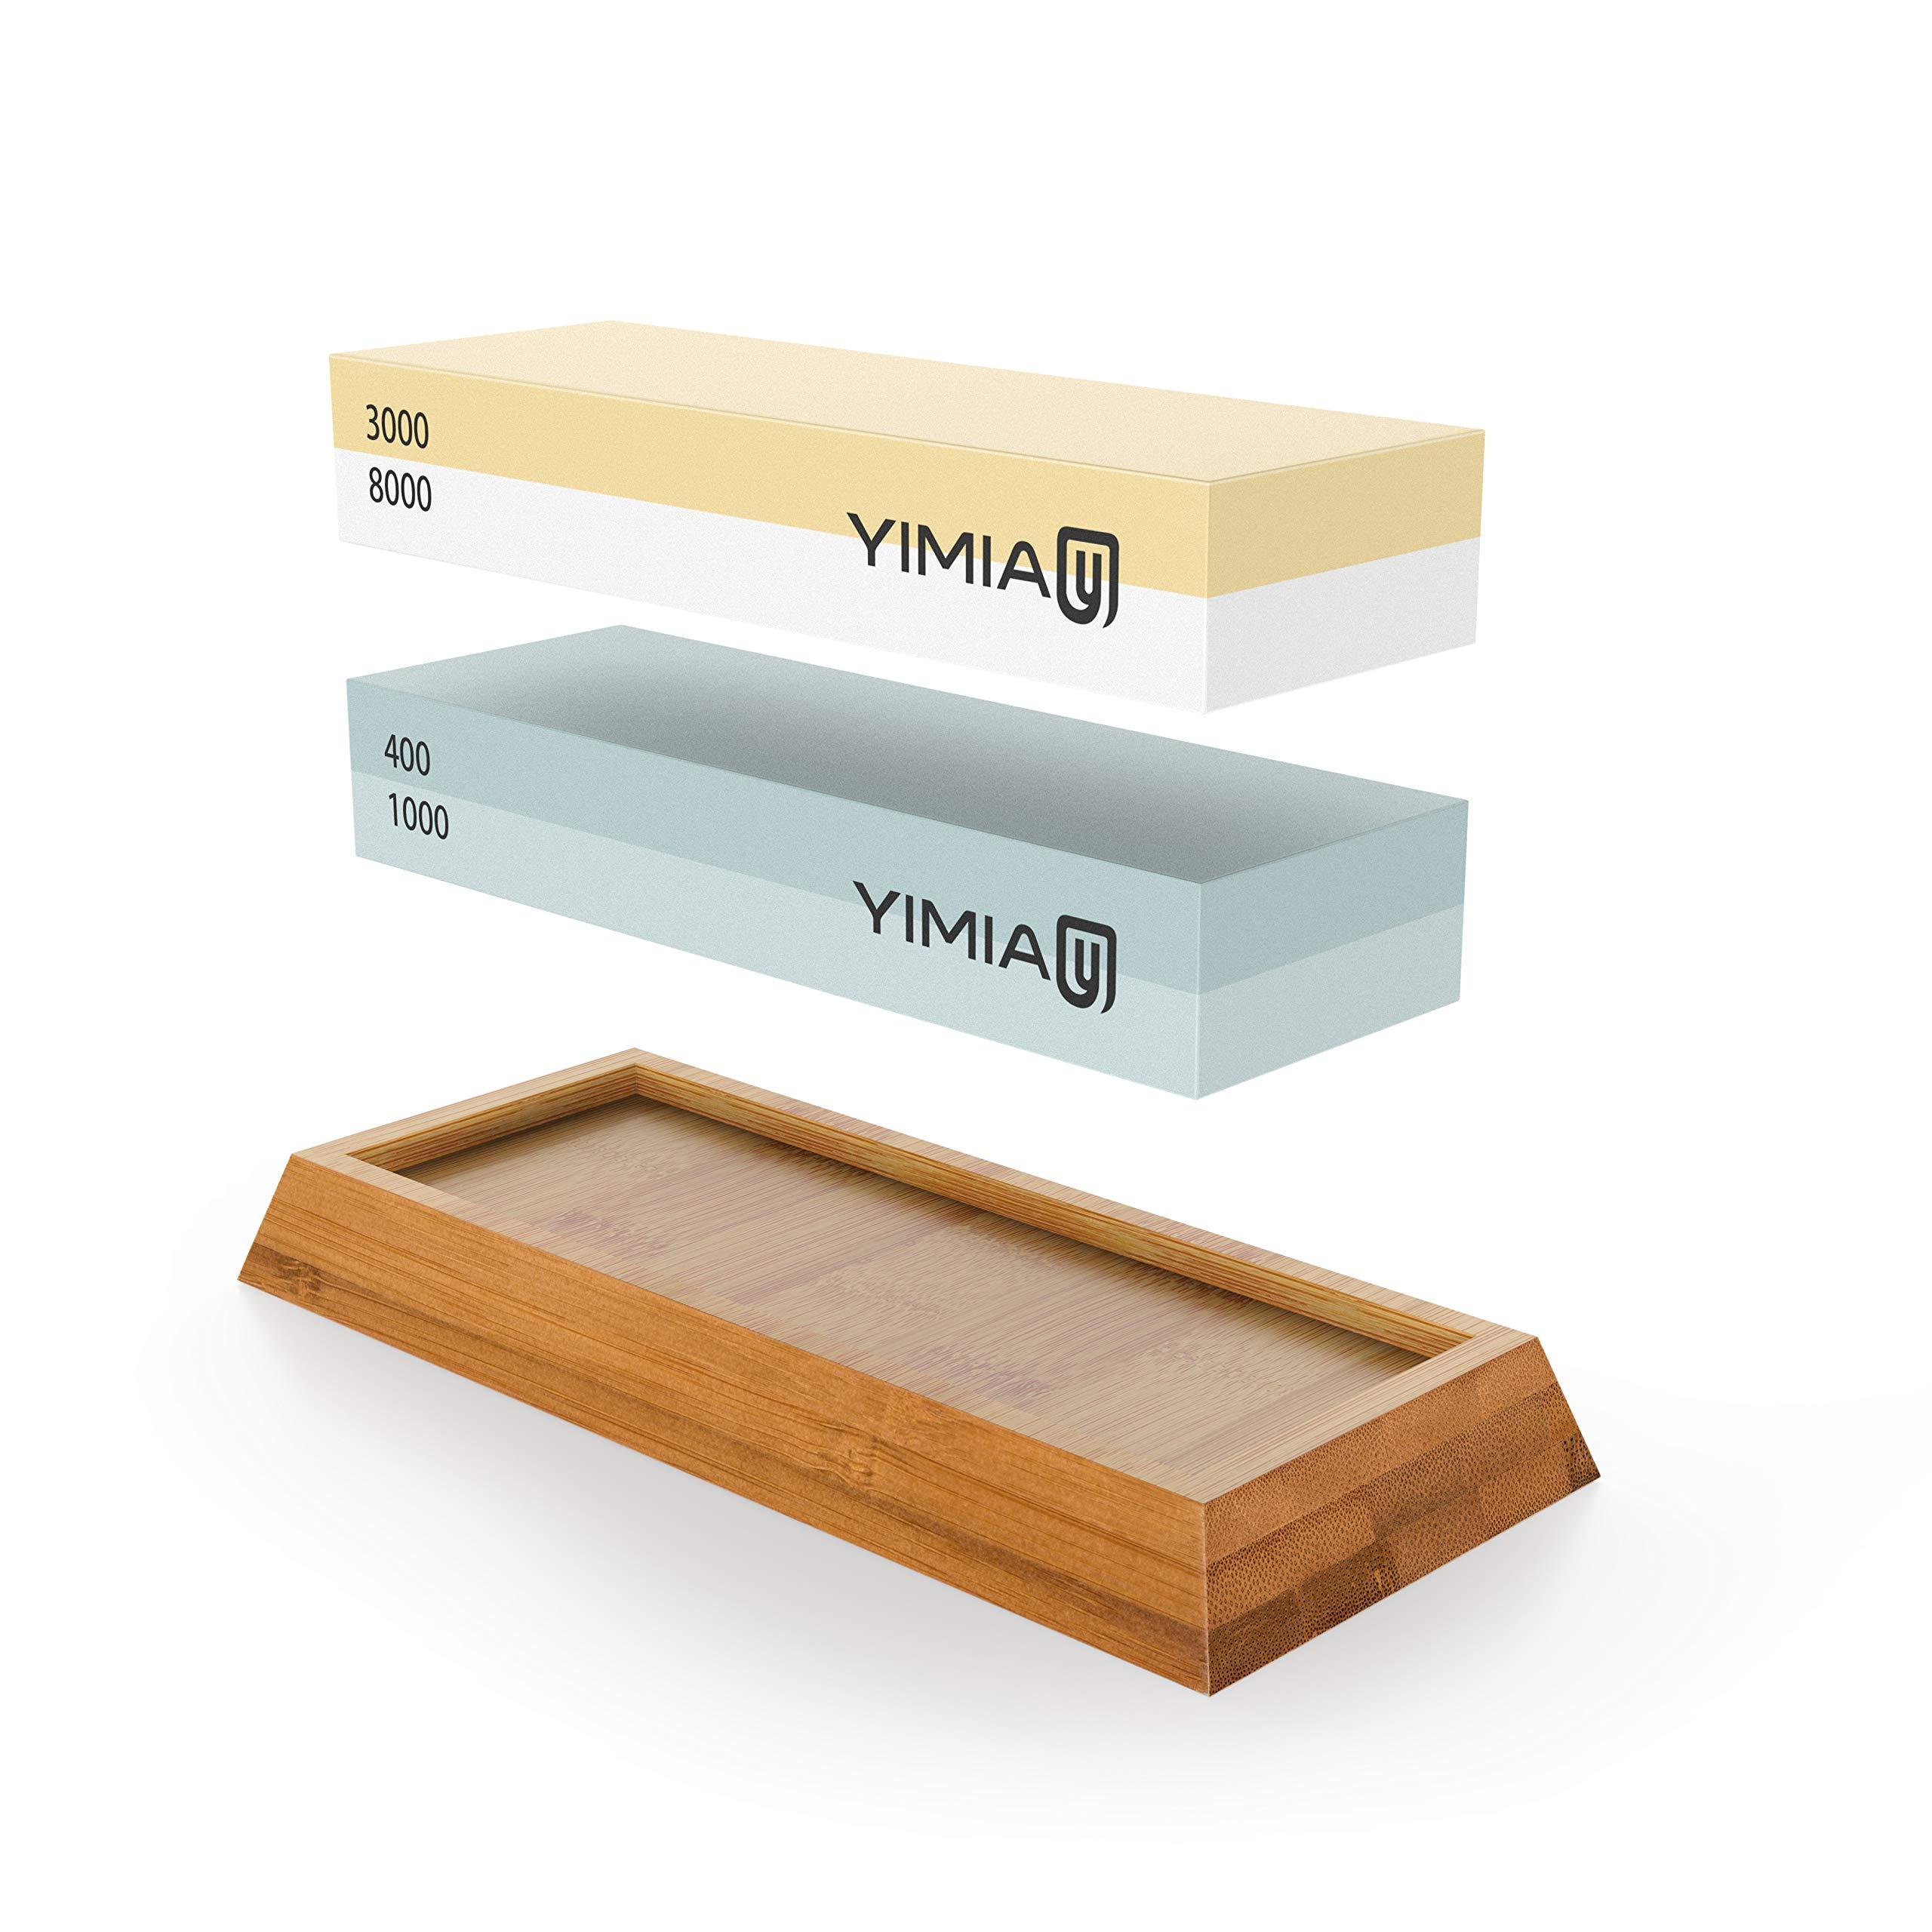 Sharpening Stone Kit, YIMIA 4 Side Grit 400/1000 3000/8000 Whetstone by YIMIA (Image #1)